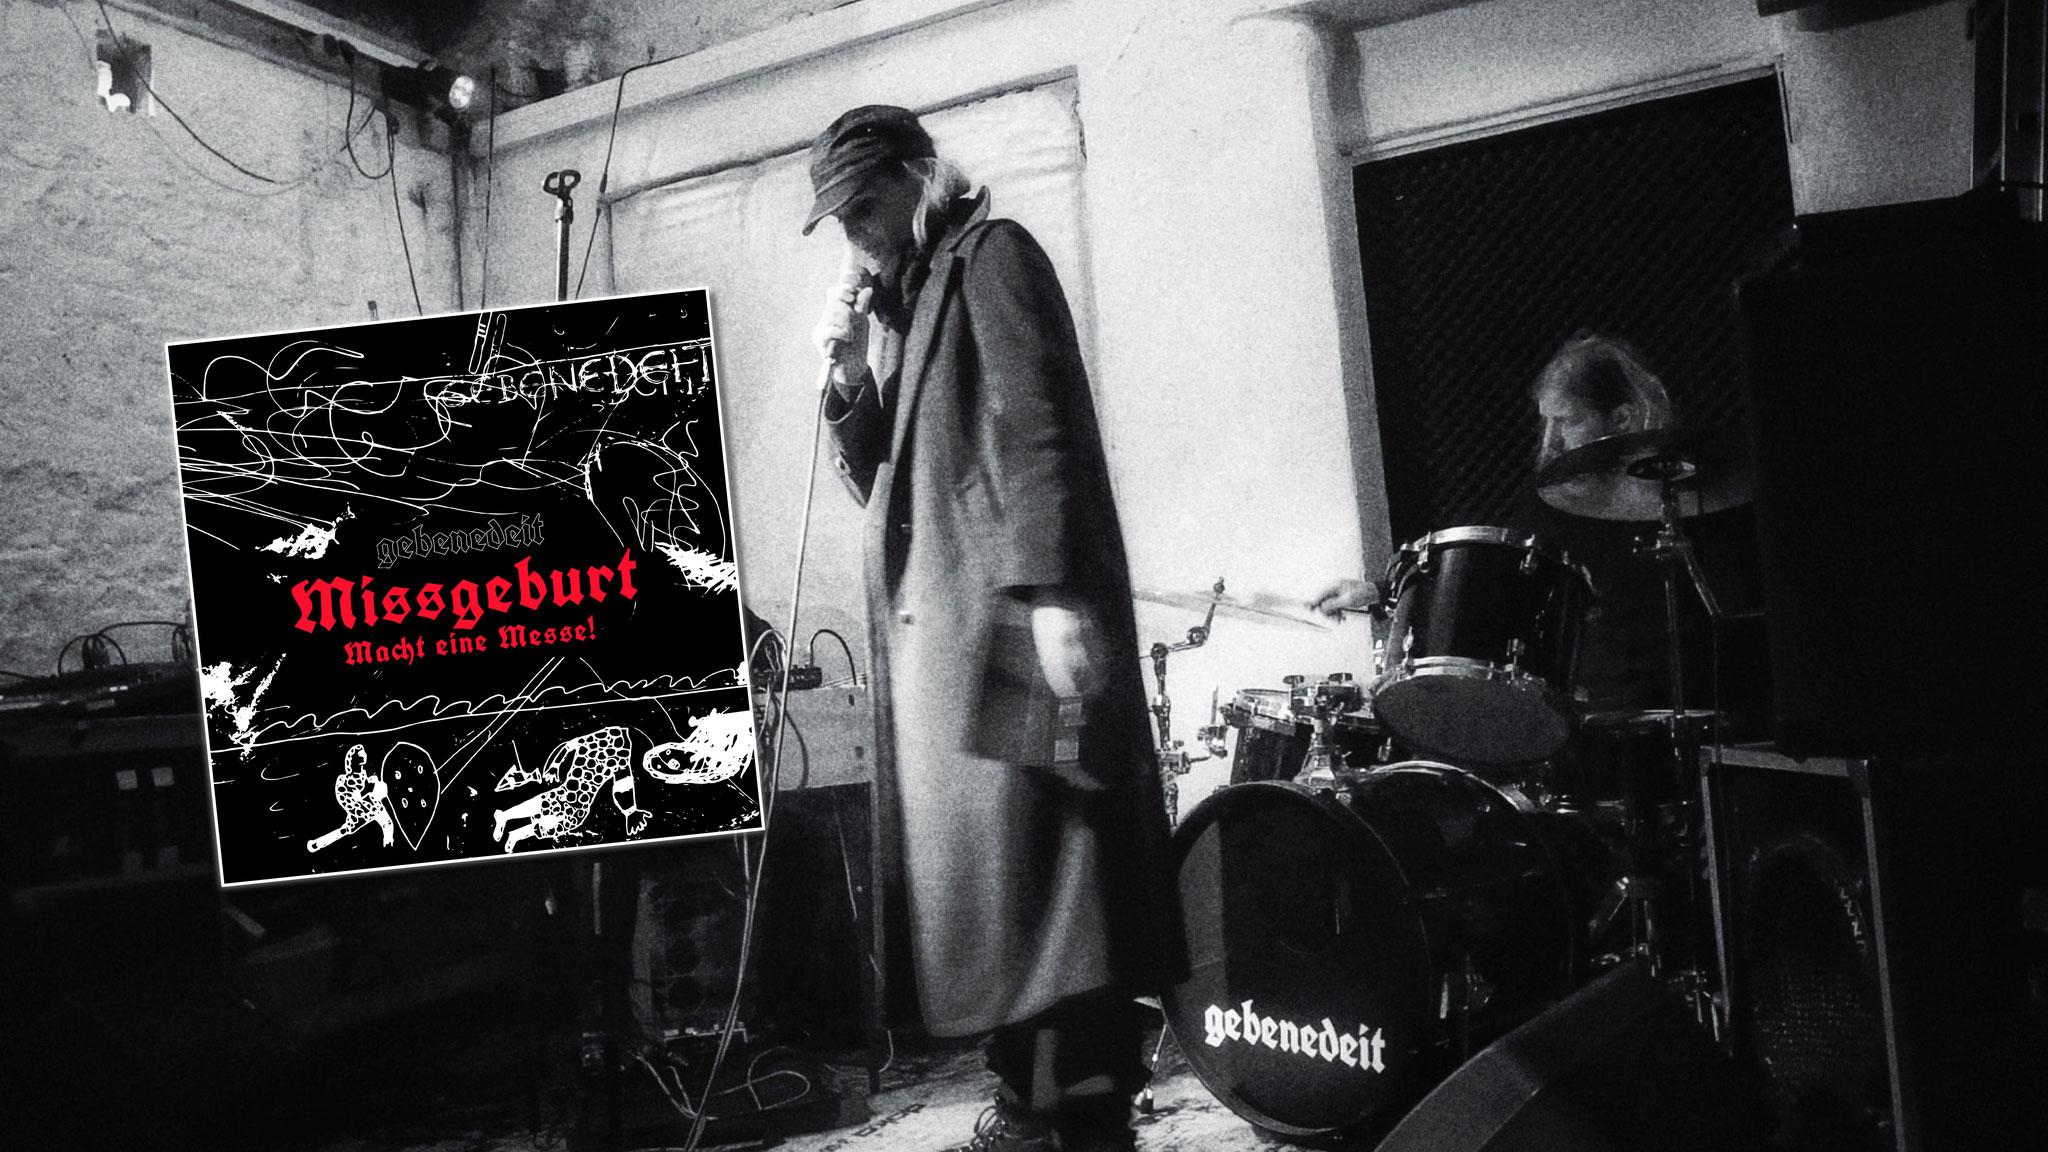 """gebenedeit veröffentlichen Debütalbum """"Missgeburt. Macht eine Messe!"""""""